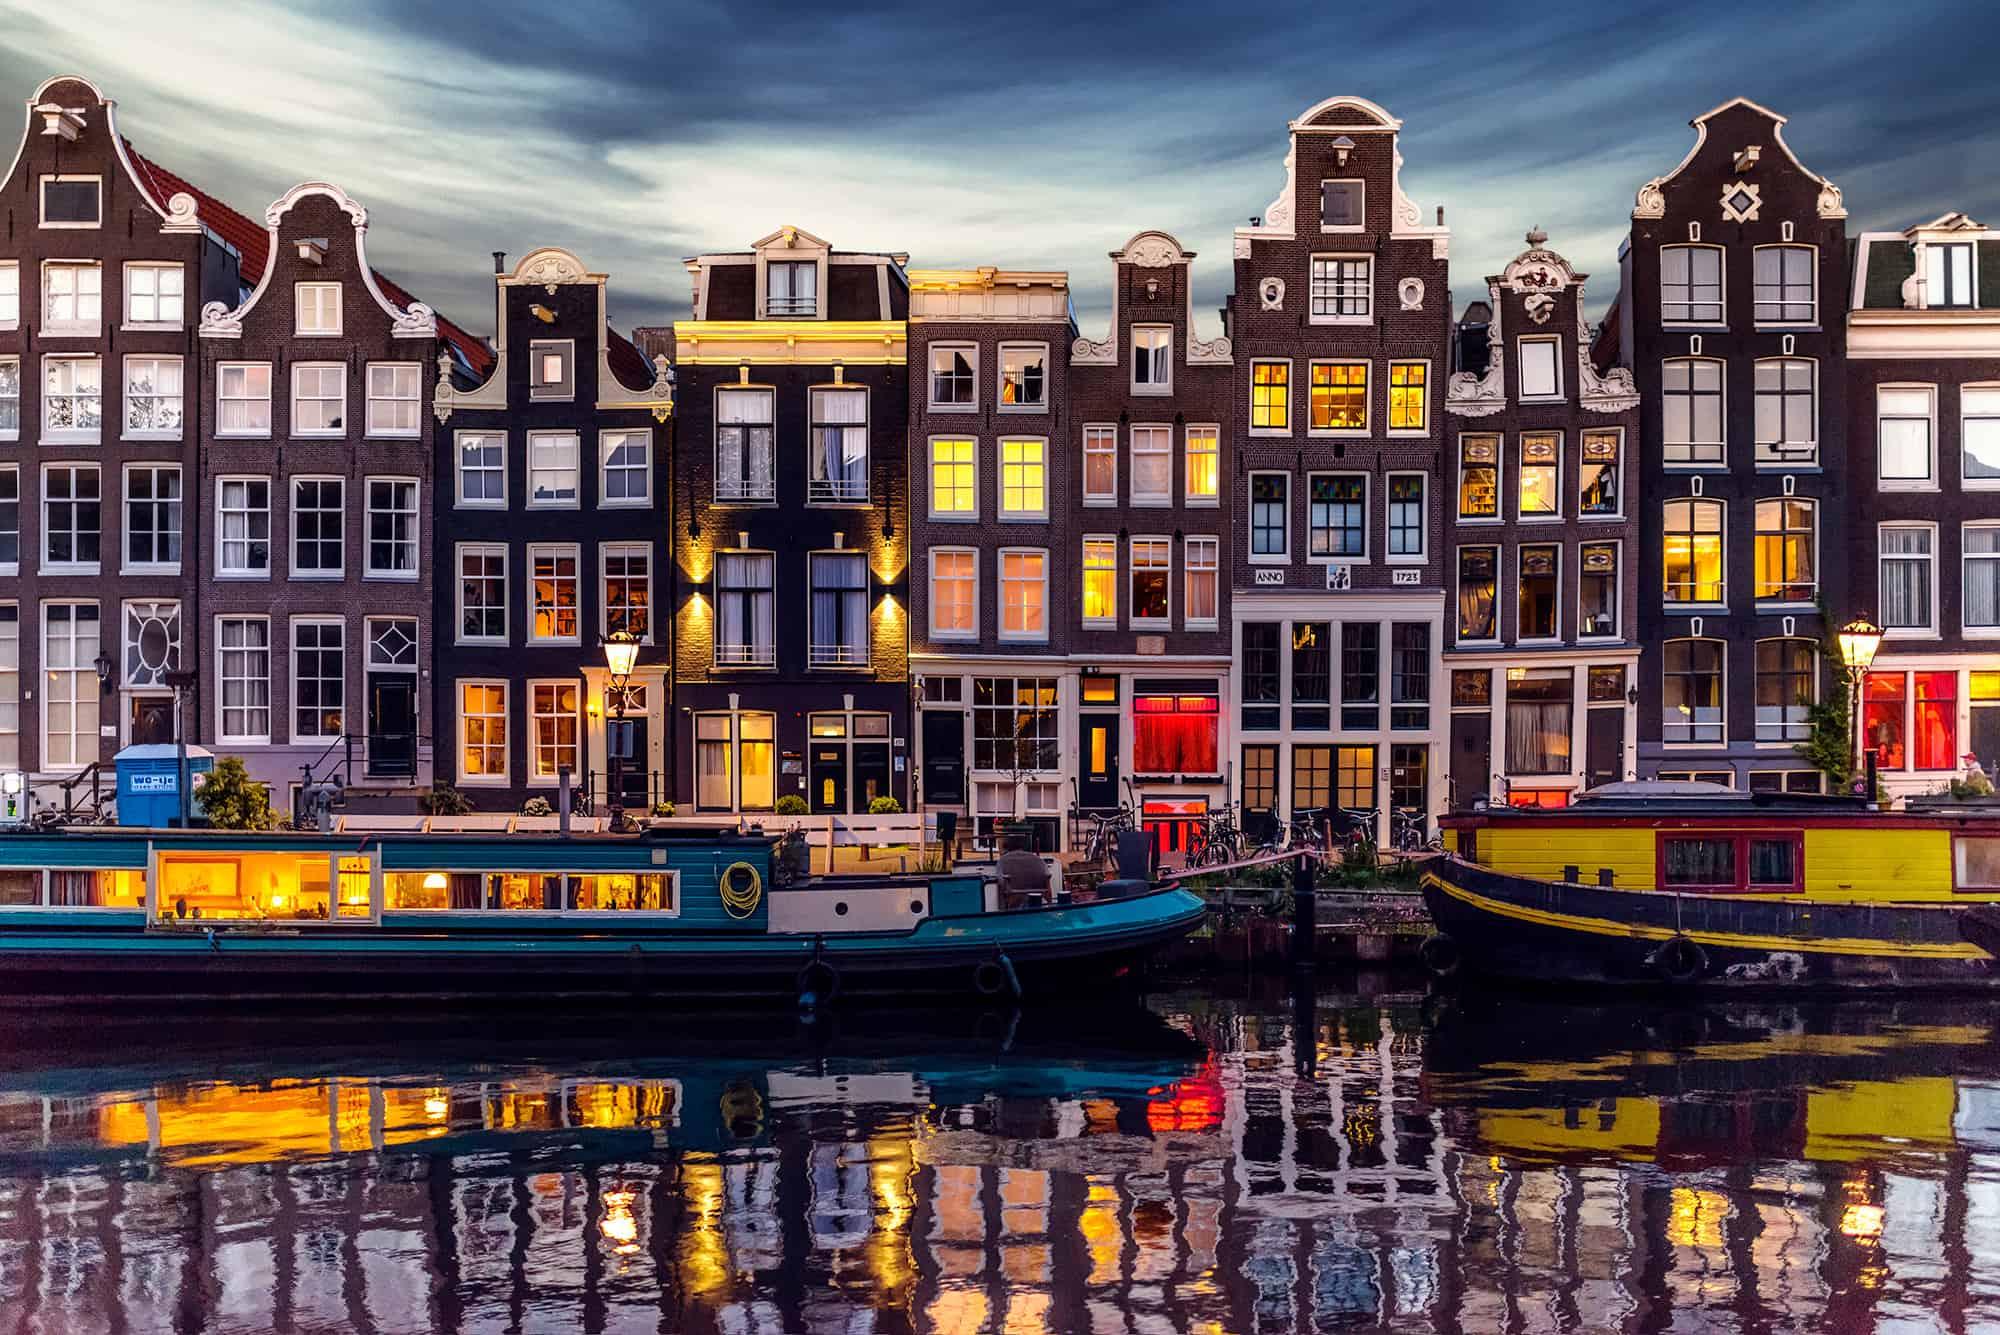 продажа дом в амстердаме в картинках все